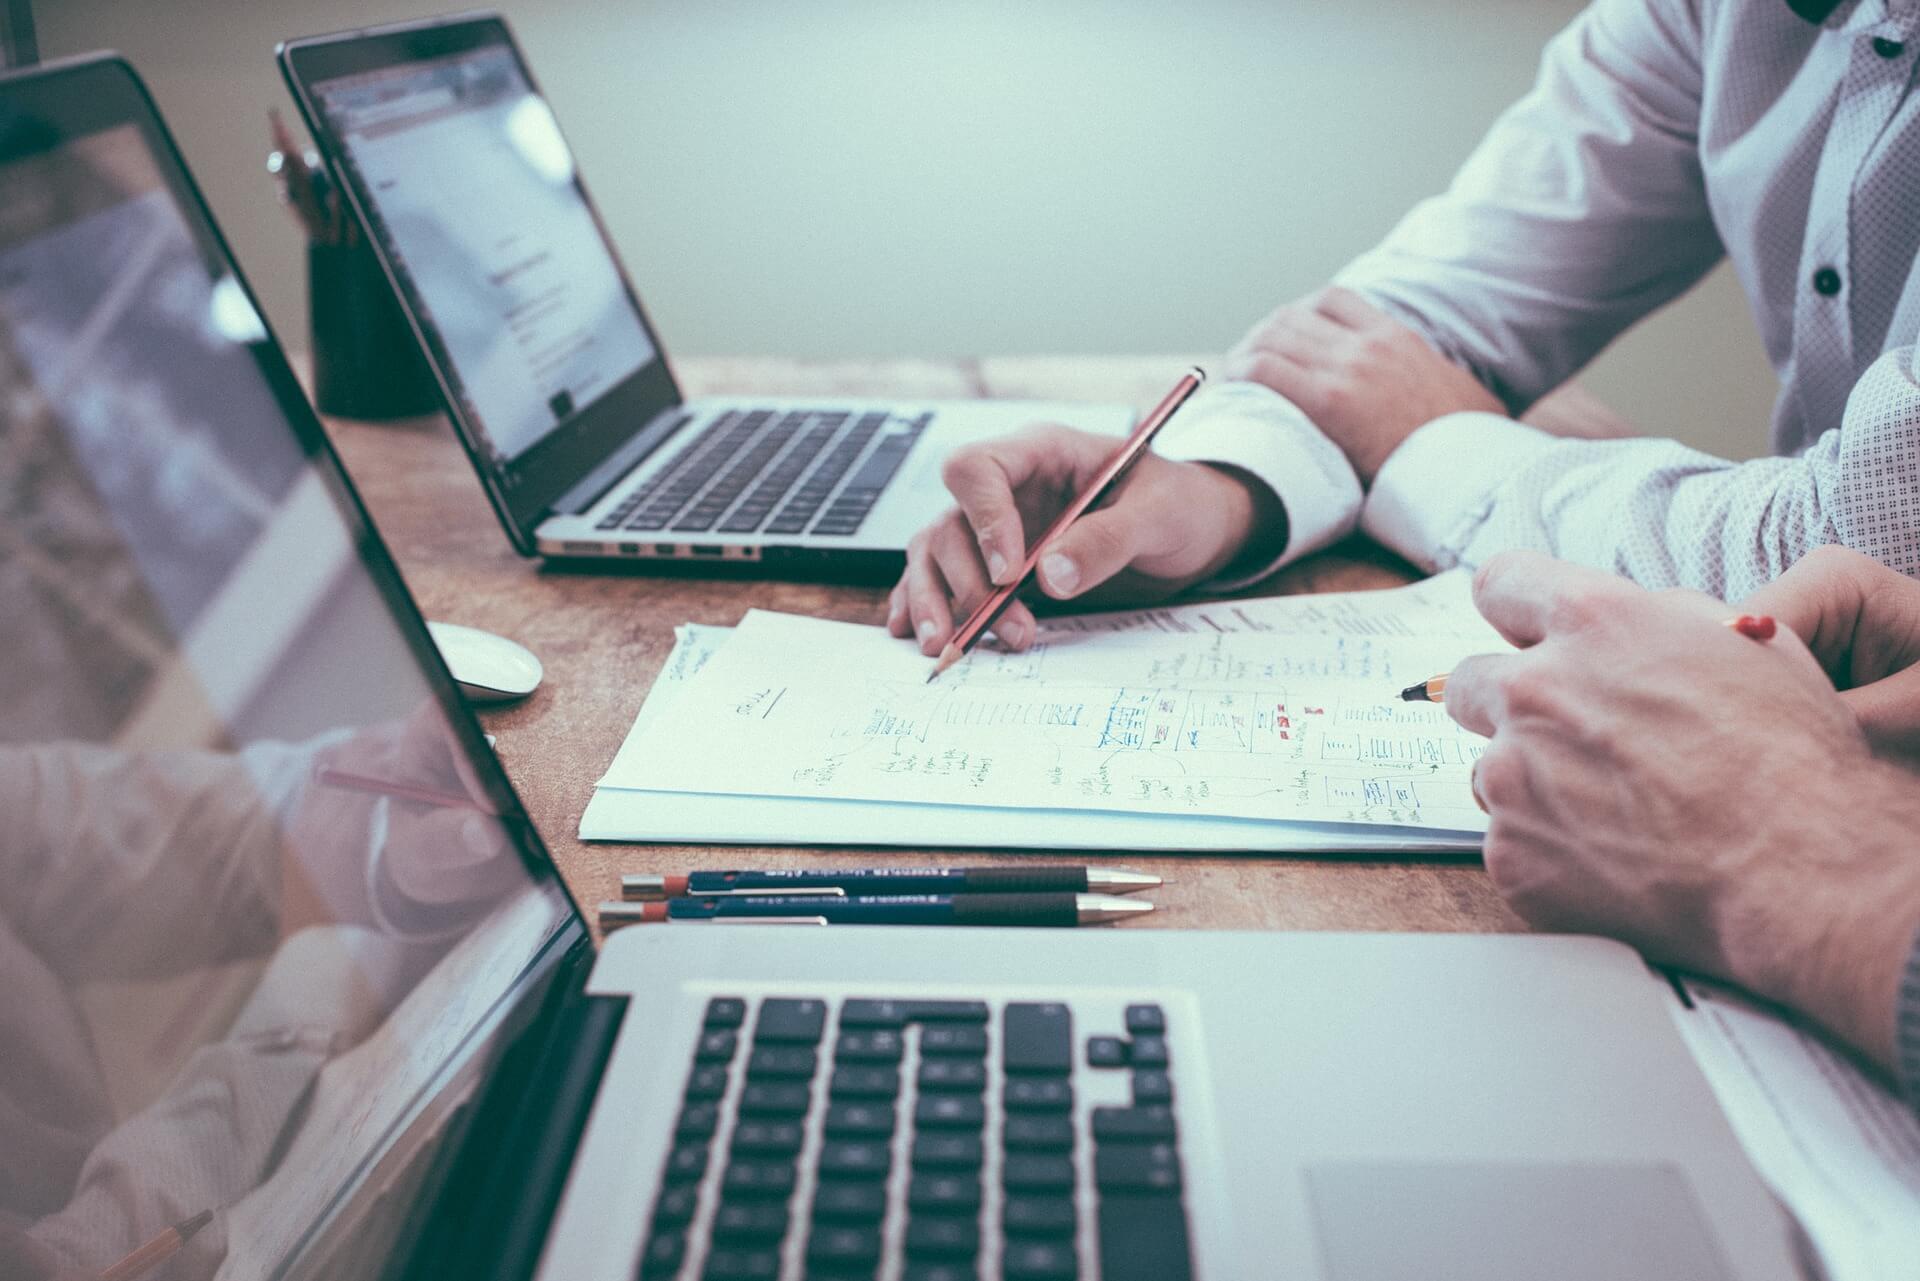 מחשבים ניידים ומסמכים על שולחן ויד רושמת עם עט